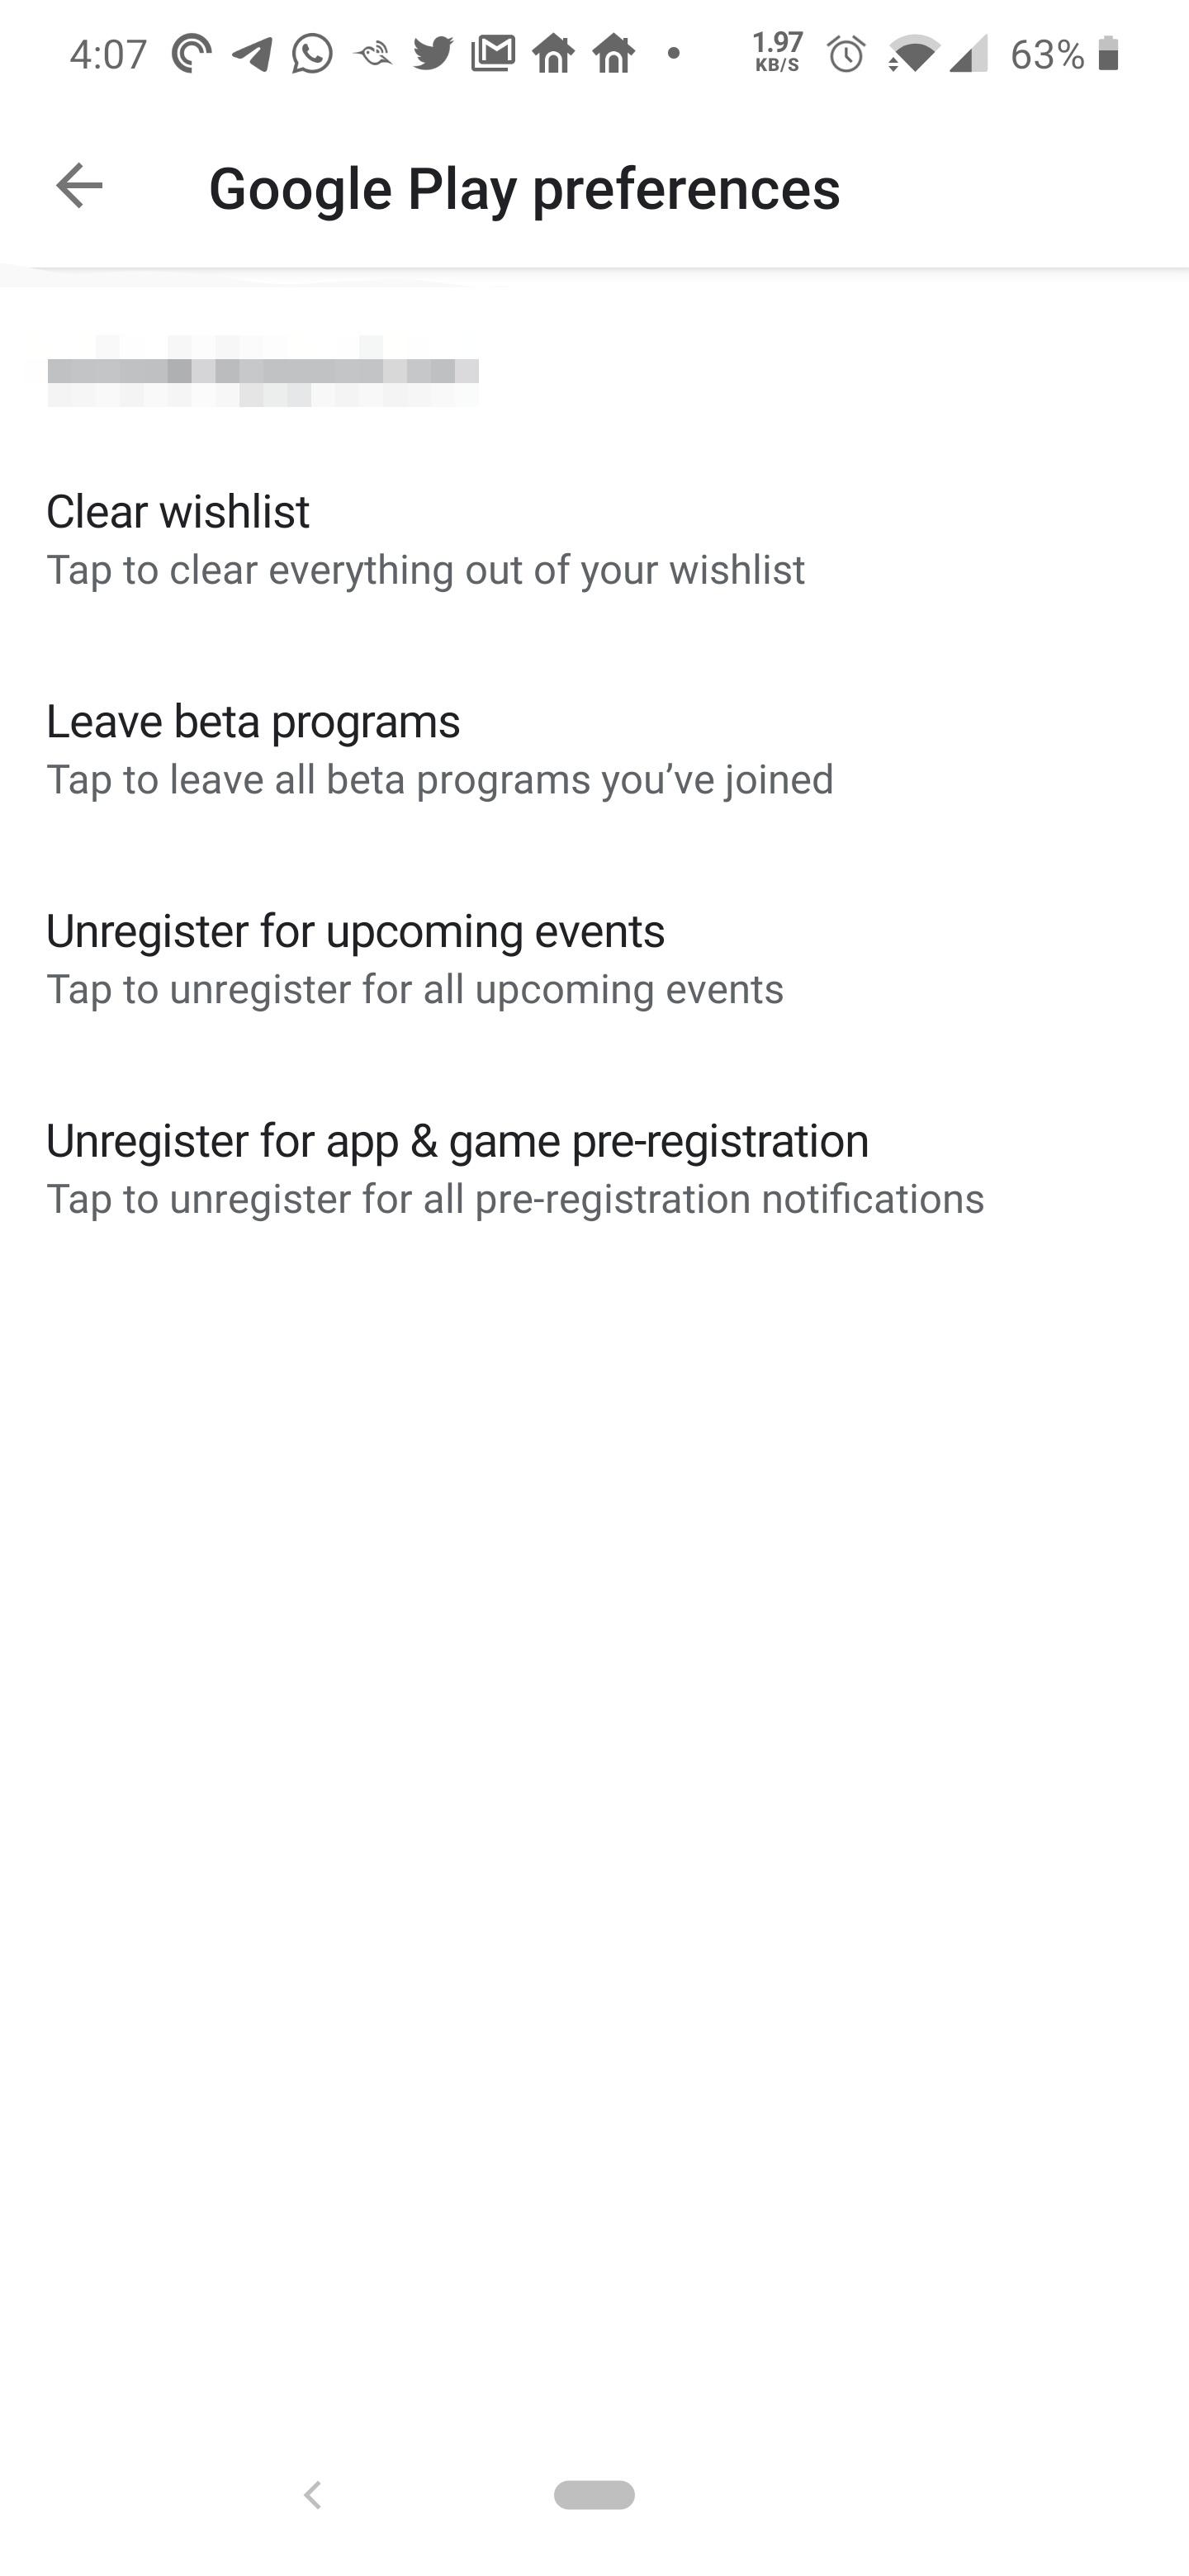 متجر جوجل بلاي يضم الآن خيار لترك جميع برامج بيتا وإلغاء التسجيل المسبق بنقرة واحدة